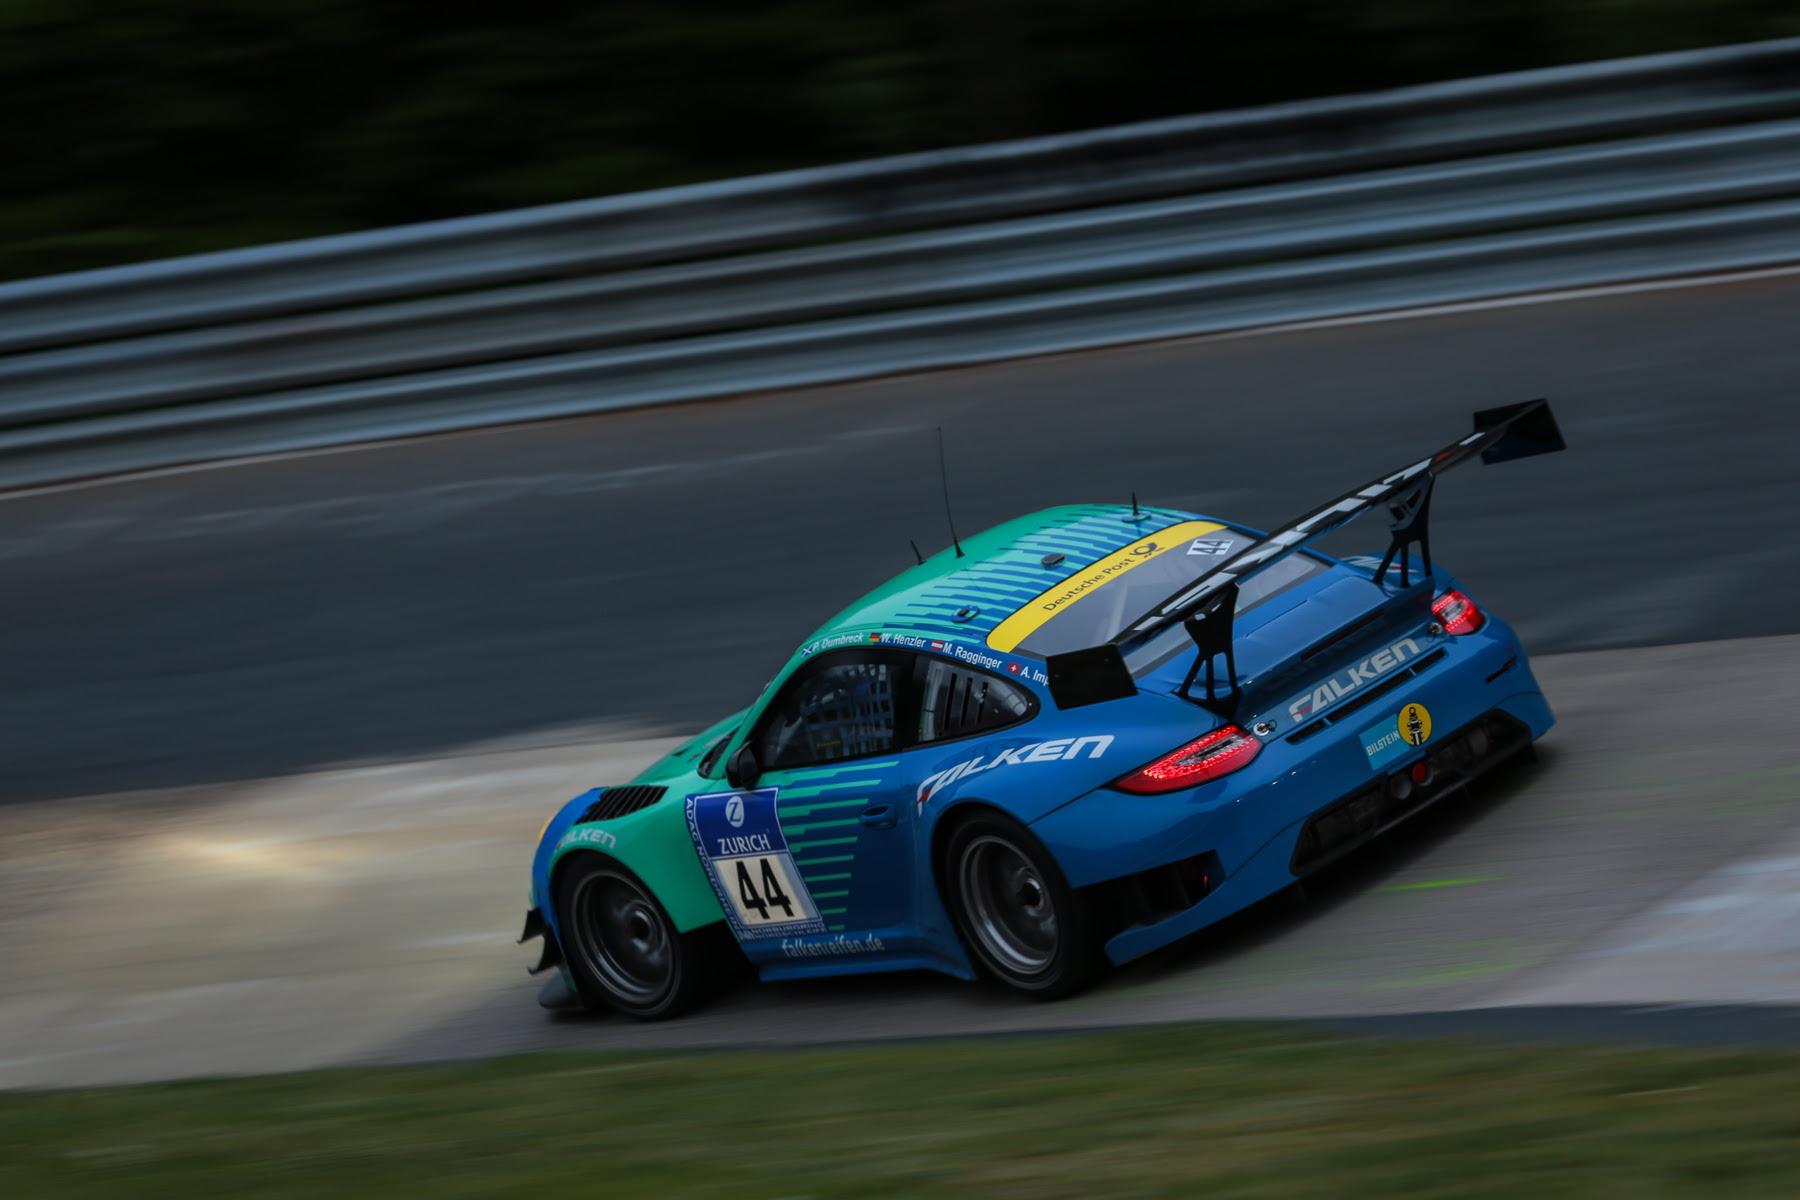 Racecarsdirectcom Porsche 997 Gt3 Rsr Modell 2008